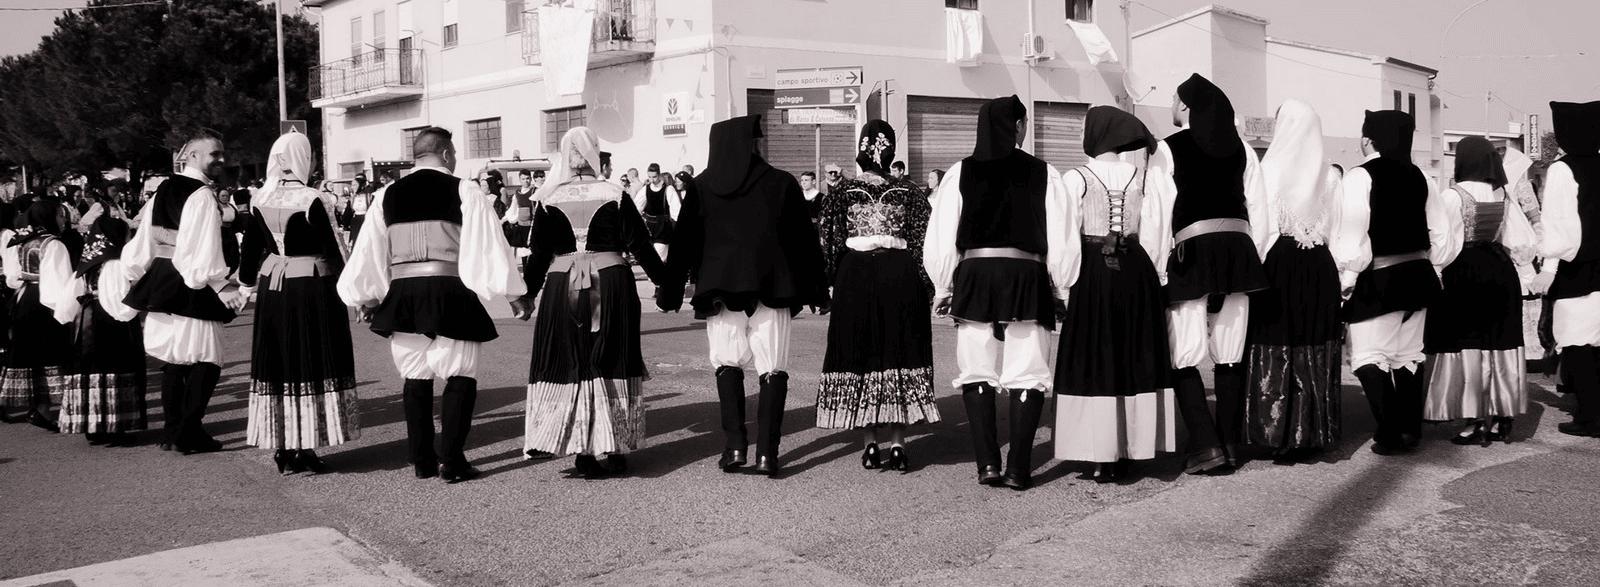 http://www.sardaterra.com/wp-content/uploads/2018/05/Su-Ballu-Brincadu-.png